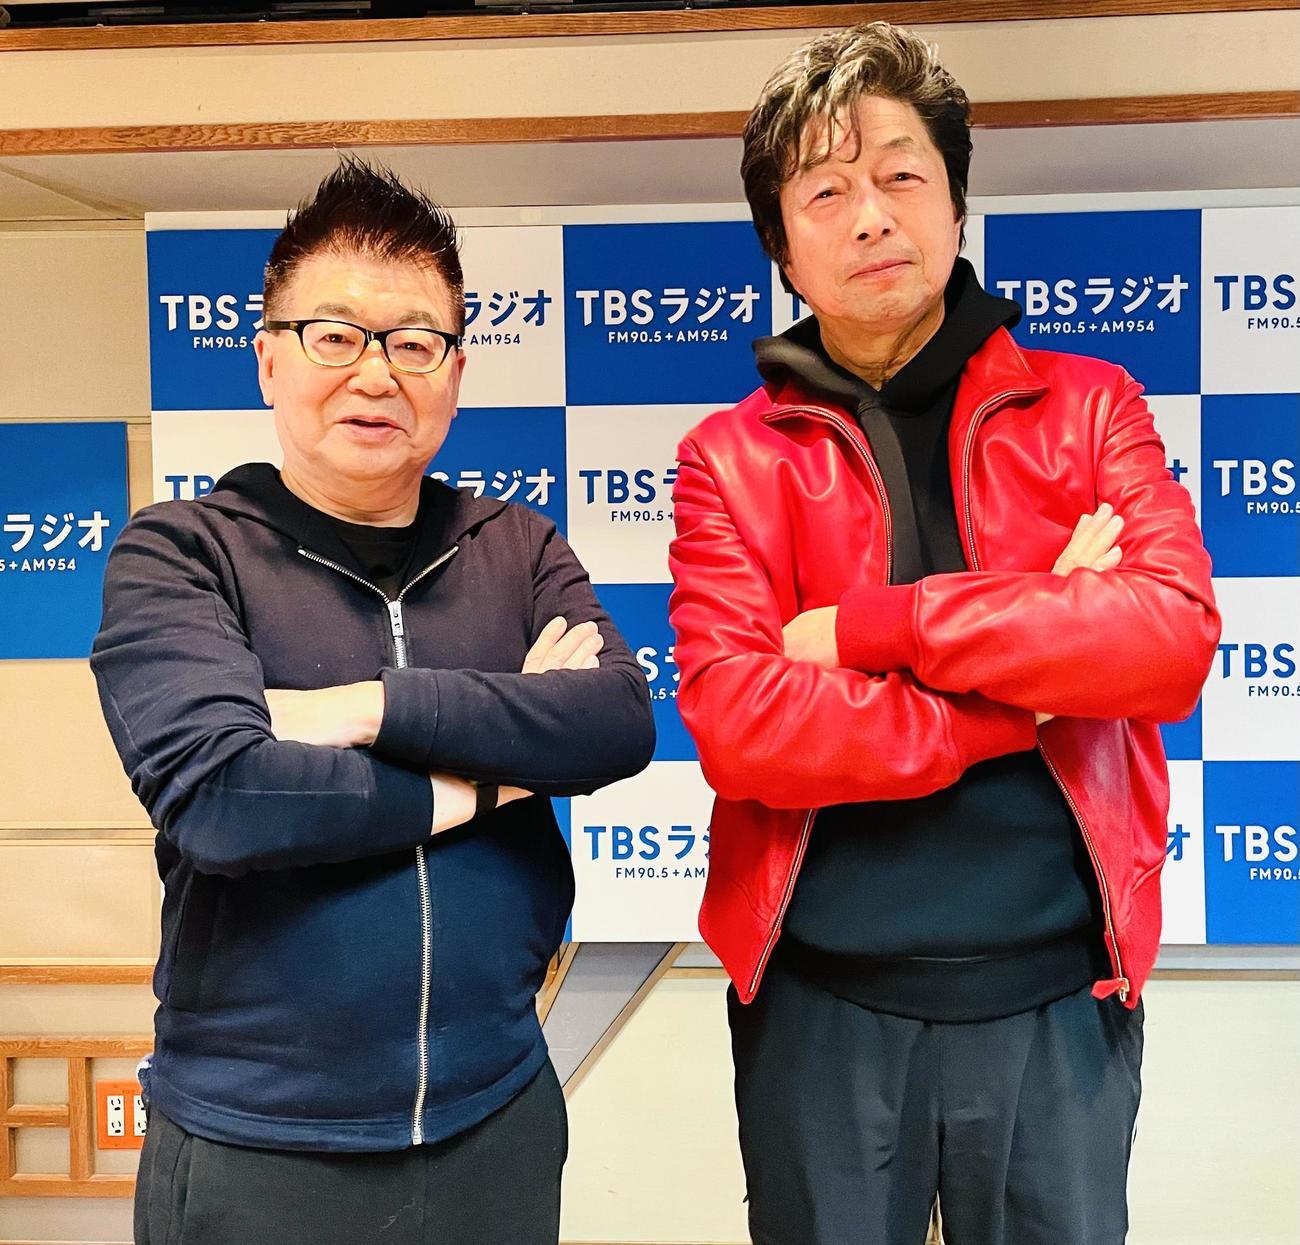 「風化させてはいけない!」と10年たった東日本大震災について熱く語ると生島ヒロシ(左)と中村雅俊